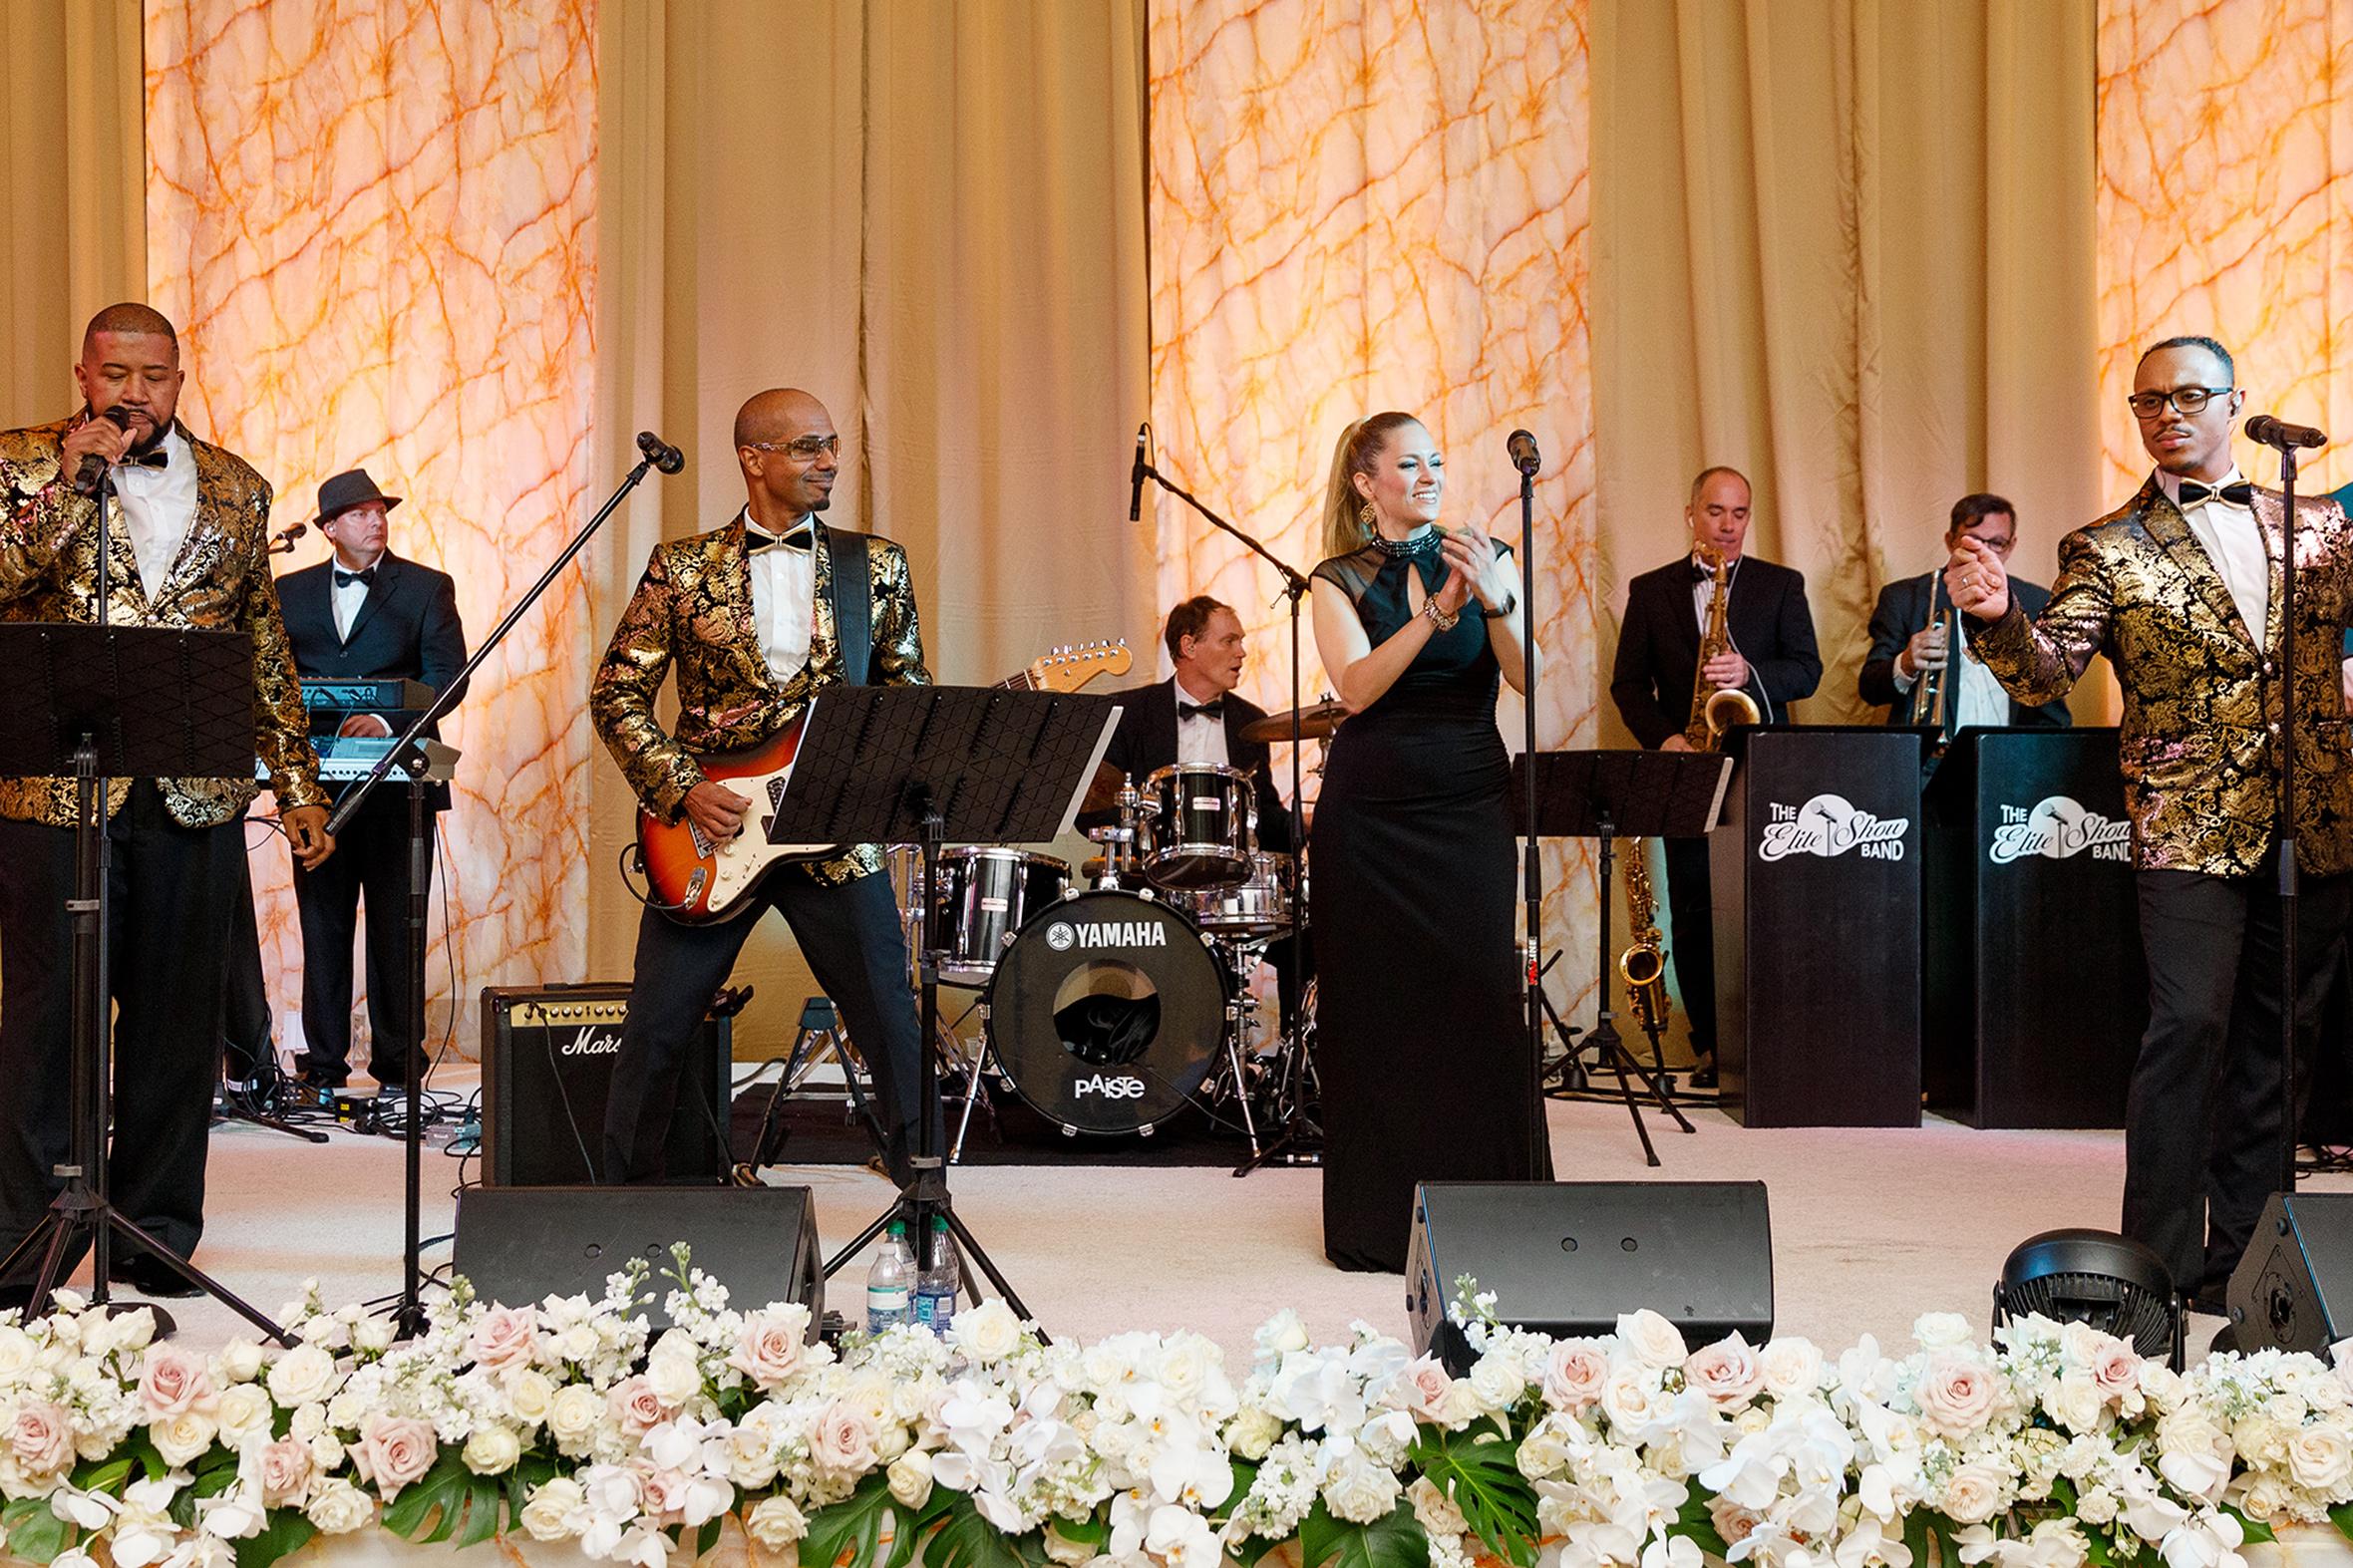 Indian Wells Weddings - The Elite Show Band